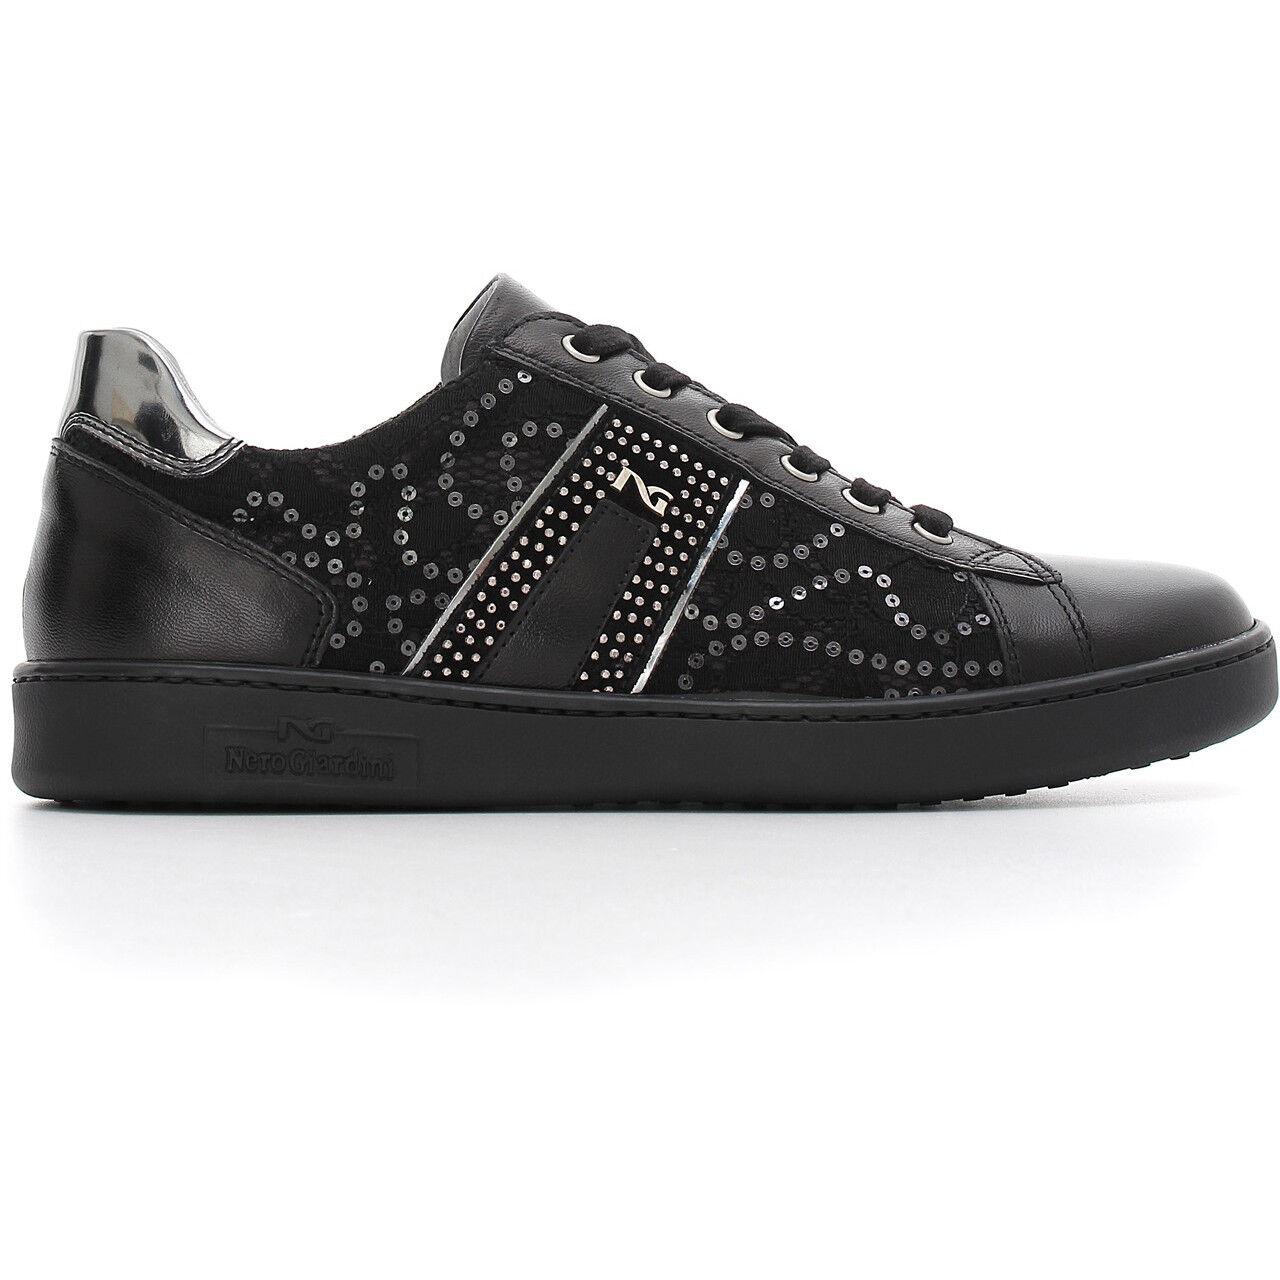 zapatos SPORTIVE  AUTUNNO-INVERNO negroGIARDINI NUOVA COLLEZIONE A806450D A805451D